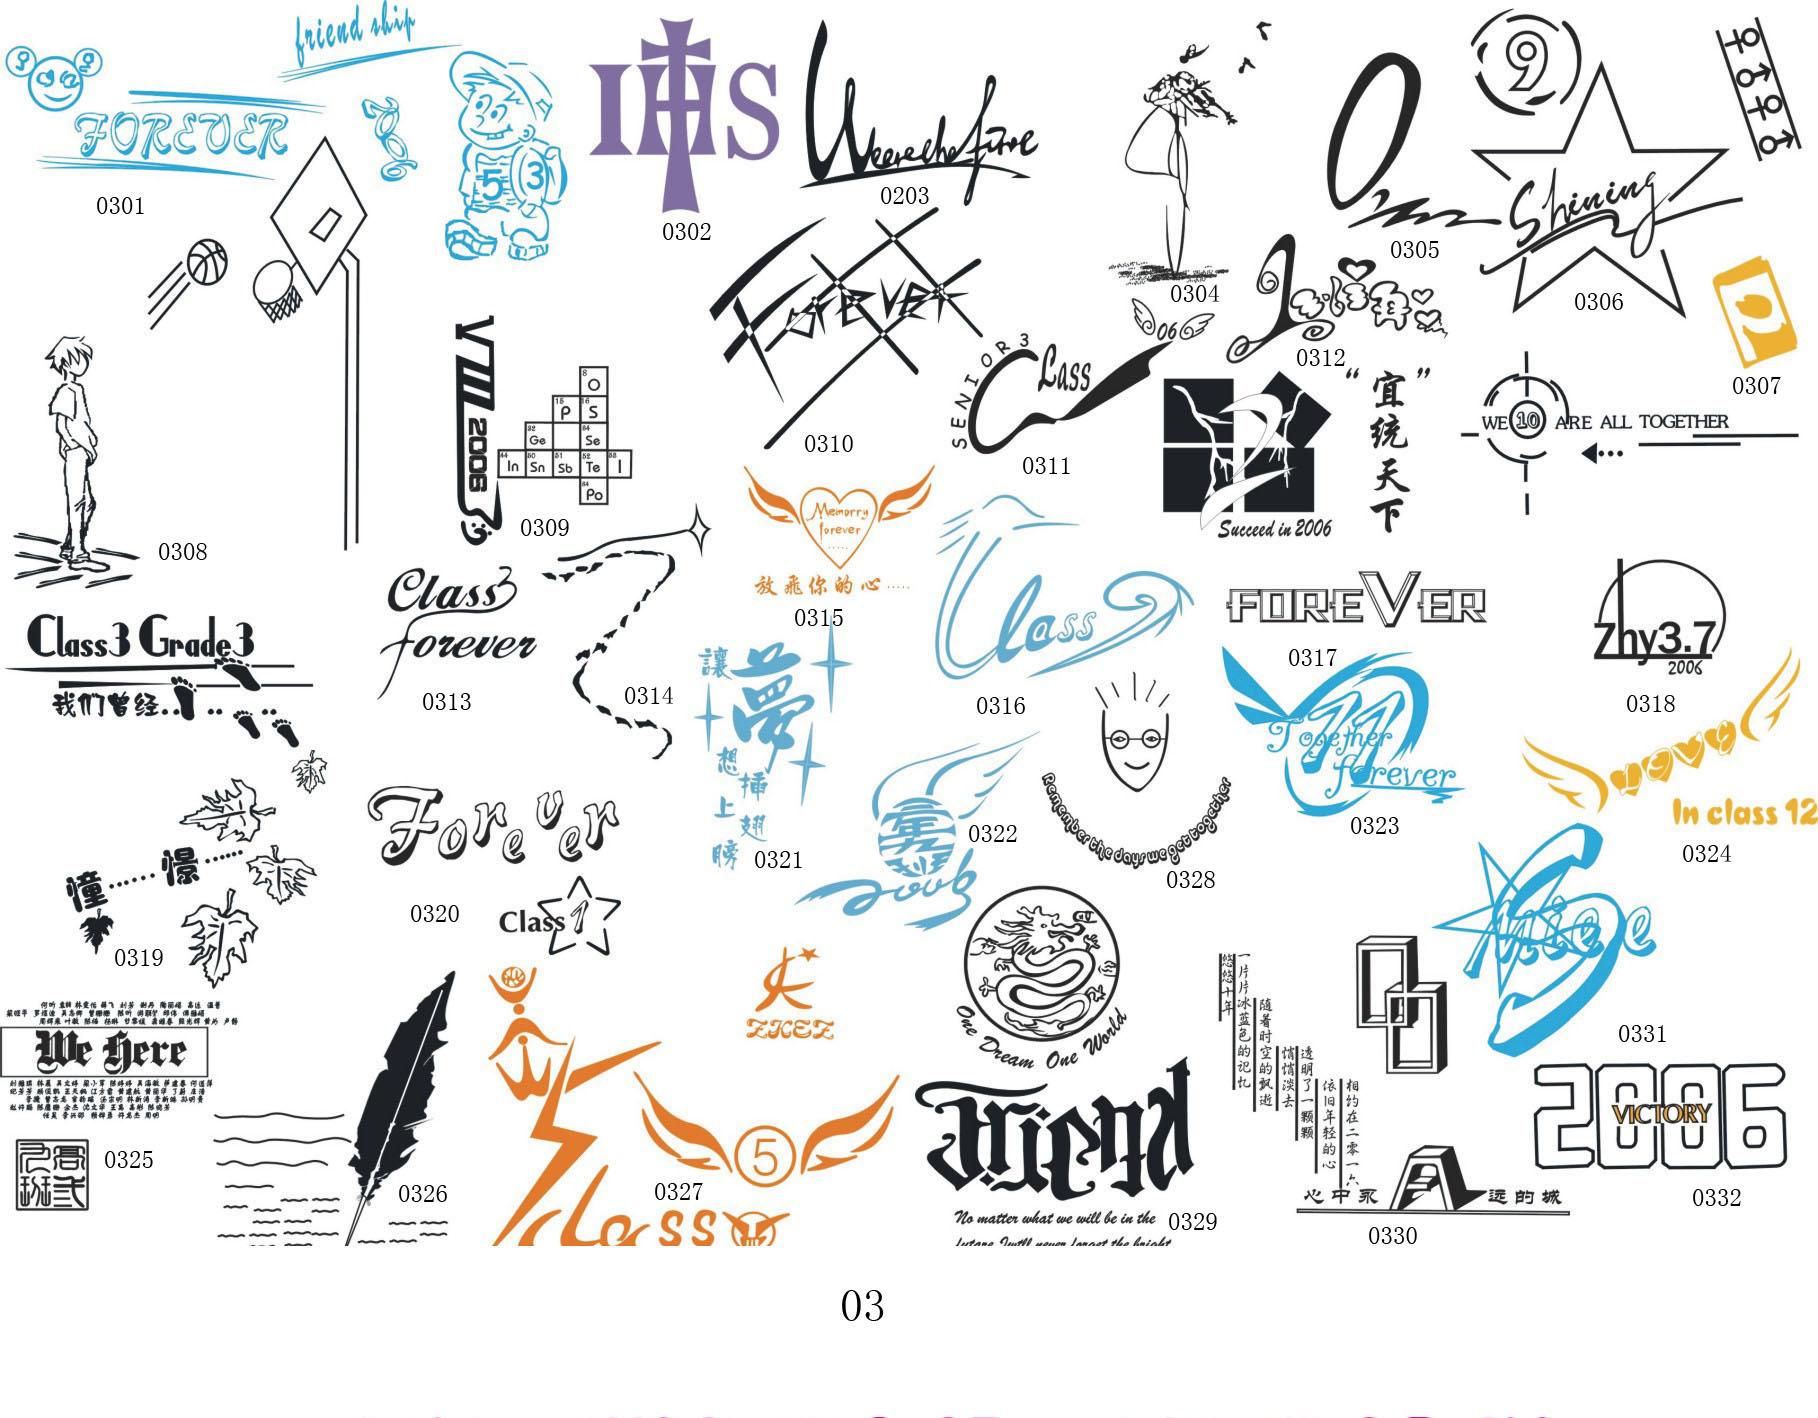 史上最全班服图案素材集锦之一-含26套图上千款班服图案